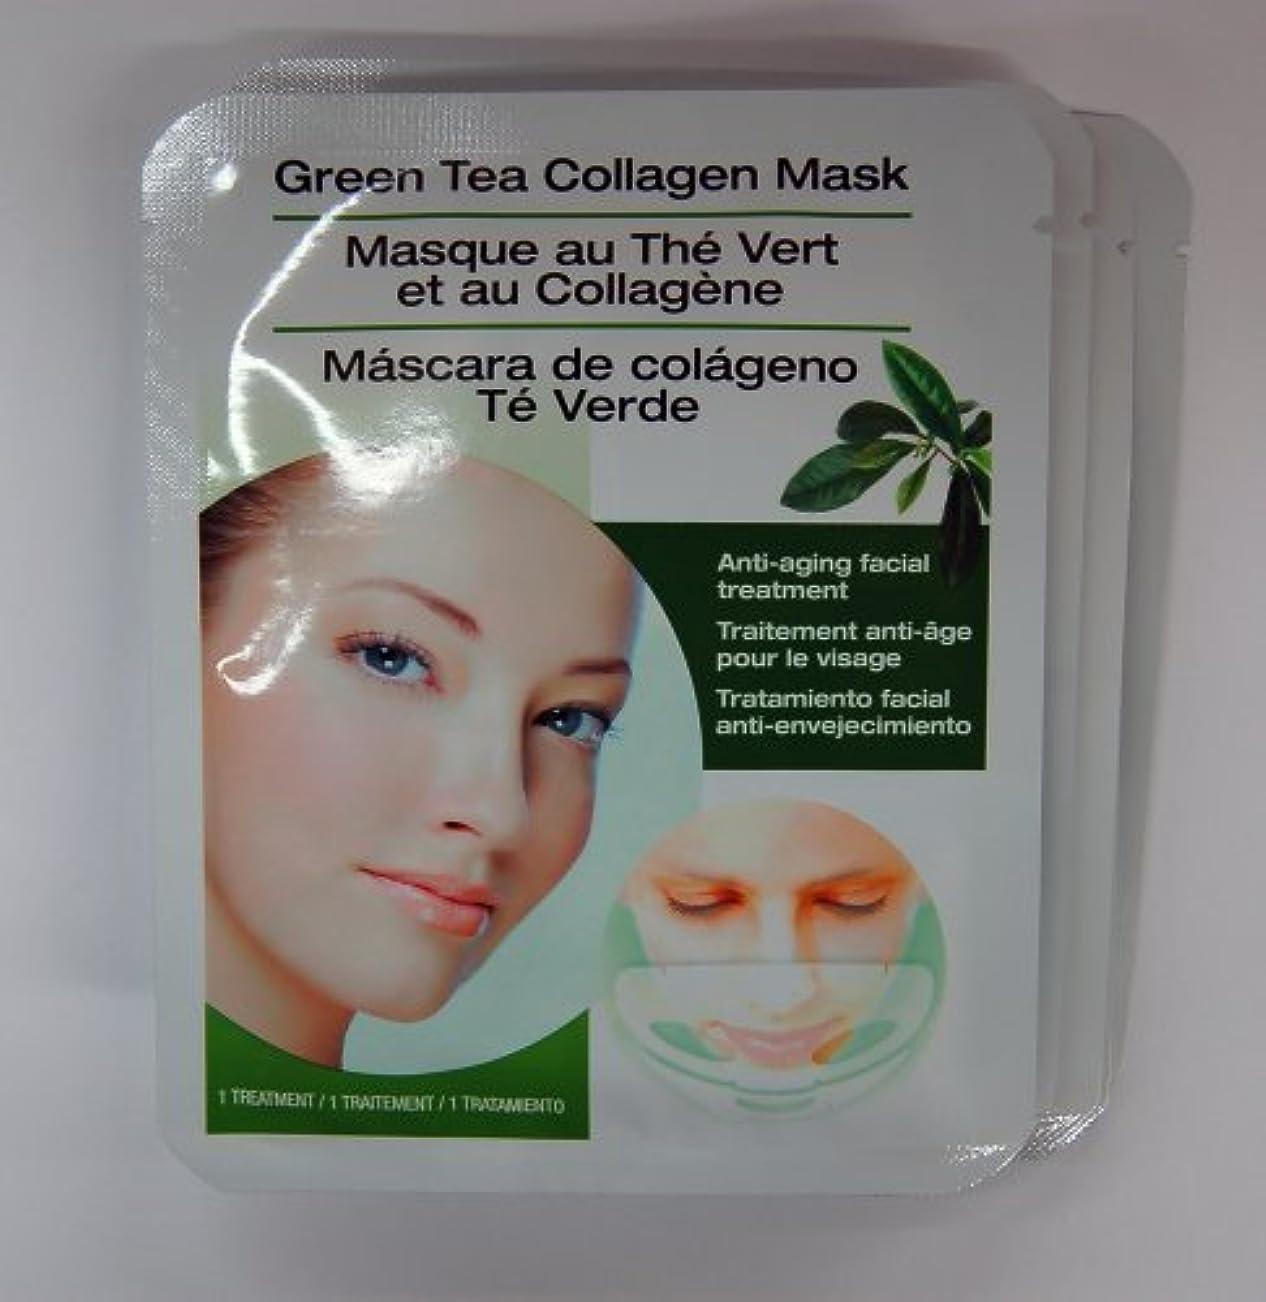 盲信良心的電化するDermactin-TS コラーゲンマスク、緑茶 (並行輸入品)